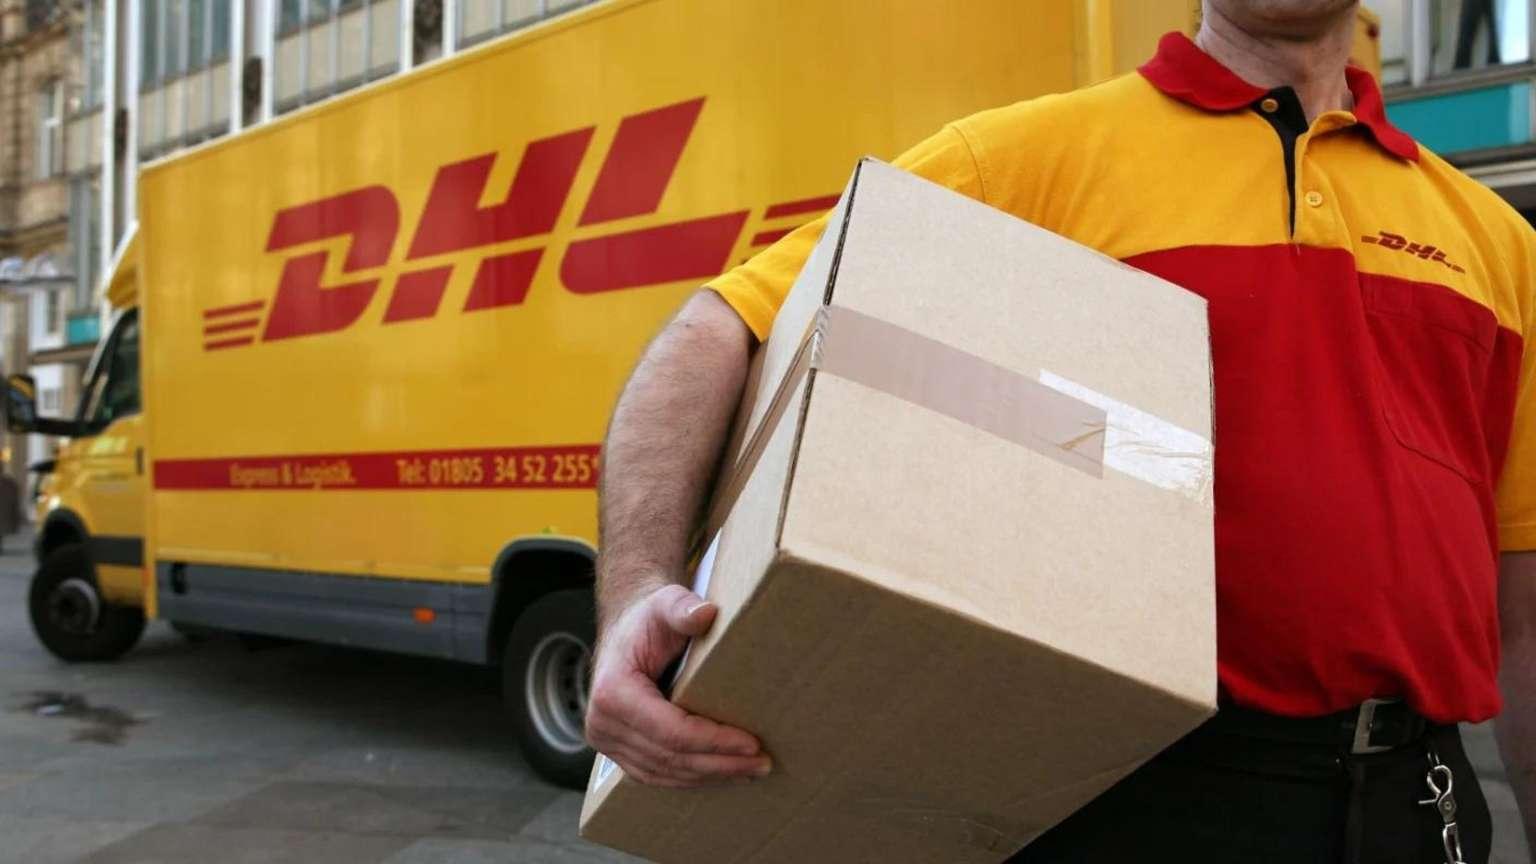 Dhl Paket Beschädigt Zurück An Absender